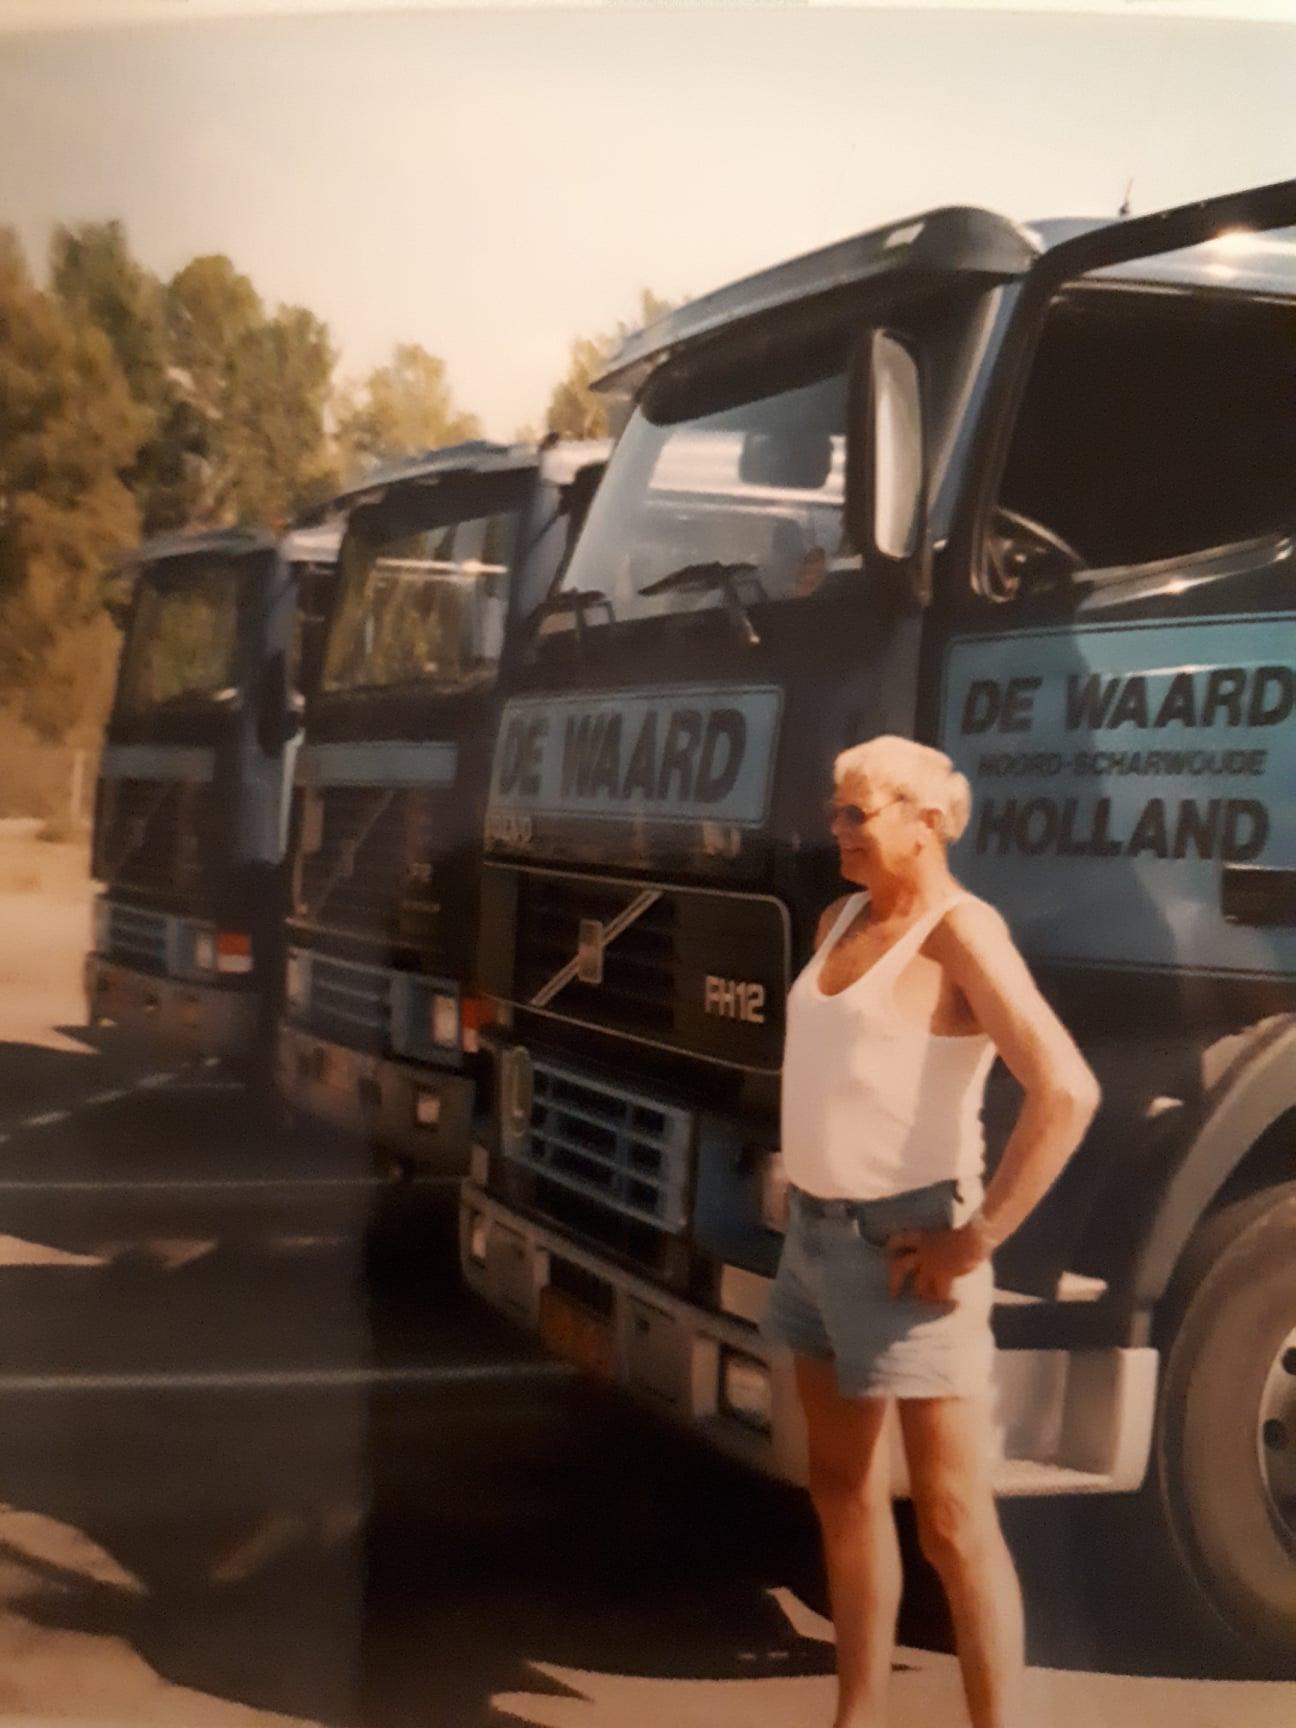 Gerard-Krijsman-in-Belgrado-bij-hotel-National-waar-bewaking-was-1991